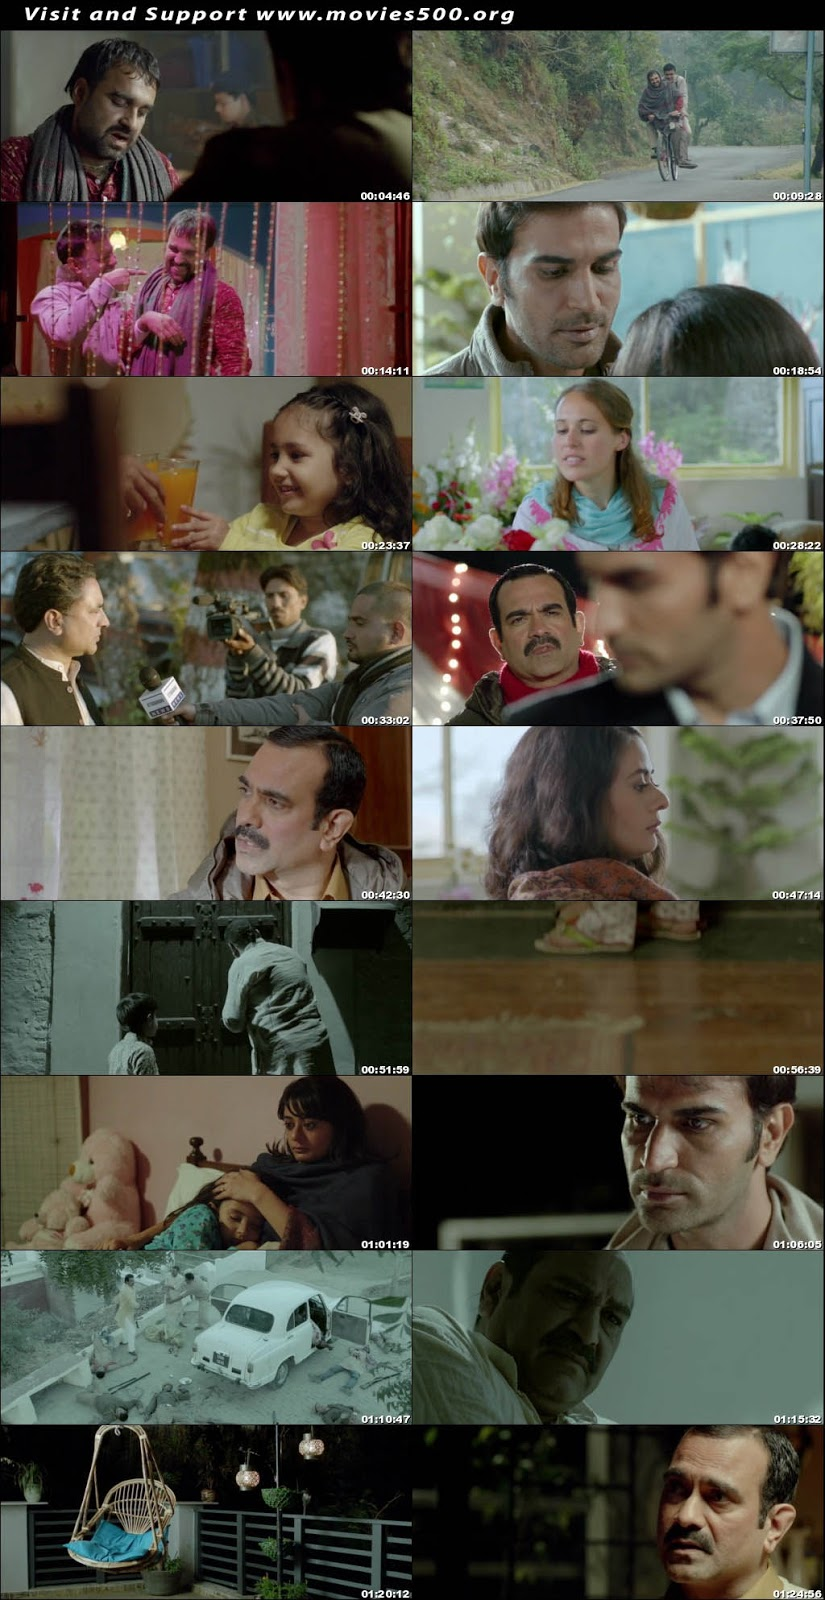 Maazii 2013 Hindi Movie Download HD at movies500.site